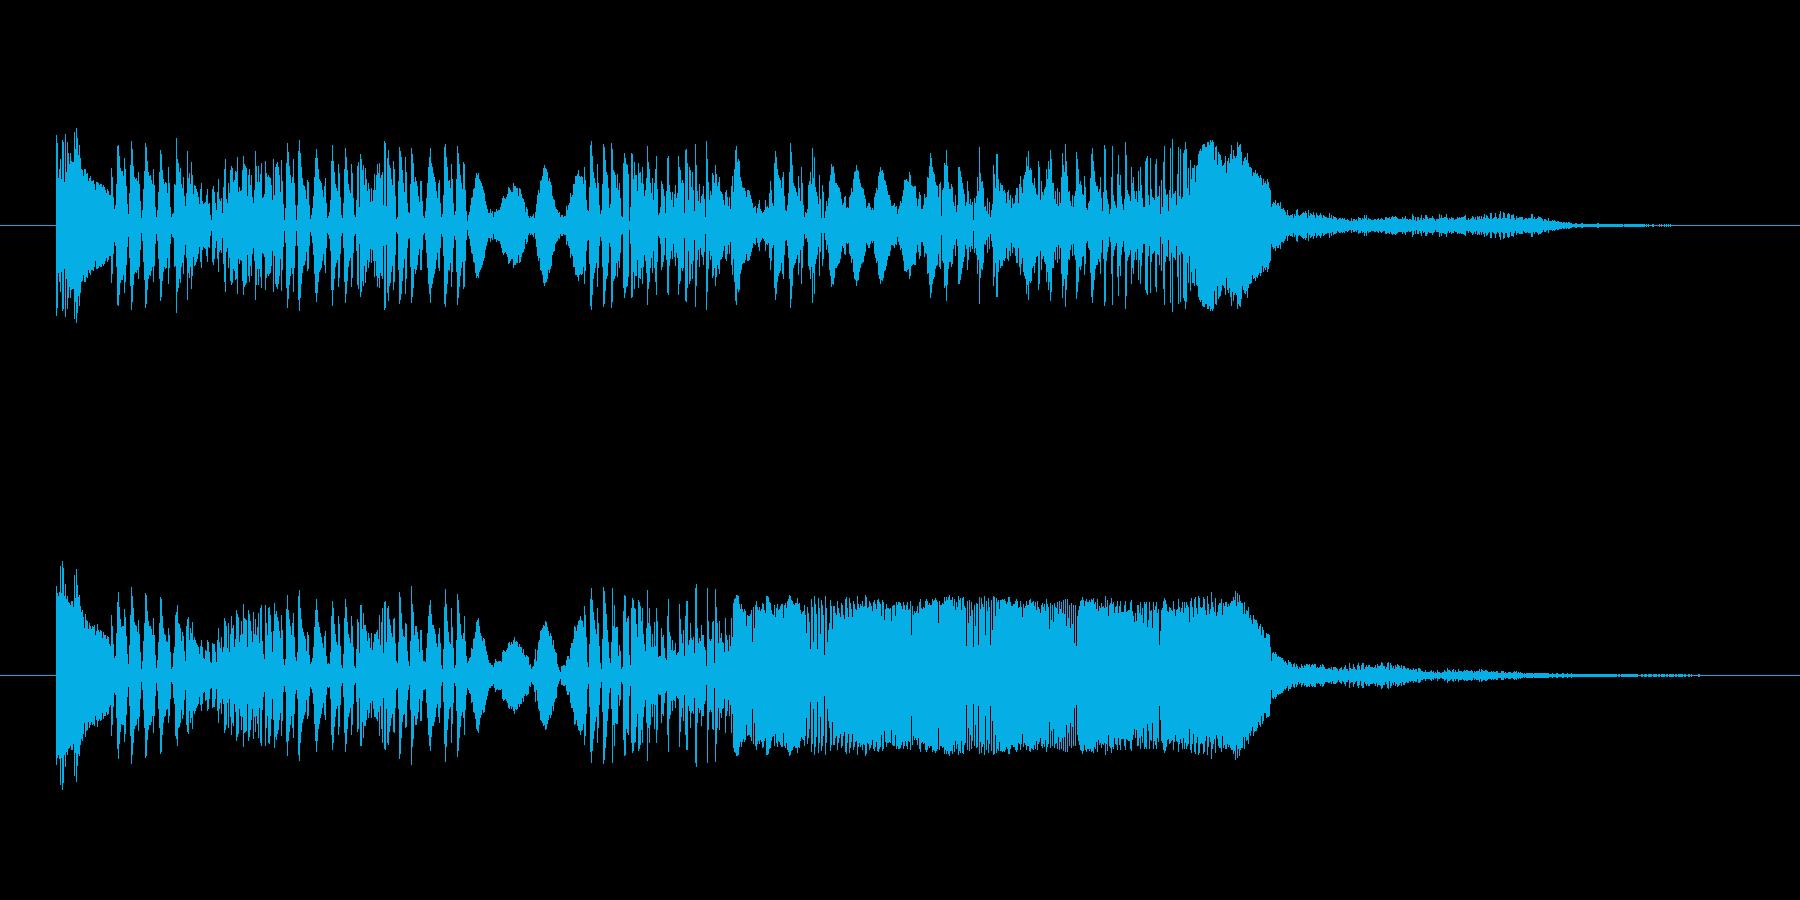 SFちっくなアイキャッチ3の再生済みの波形